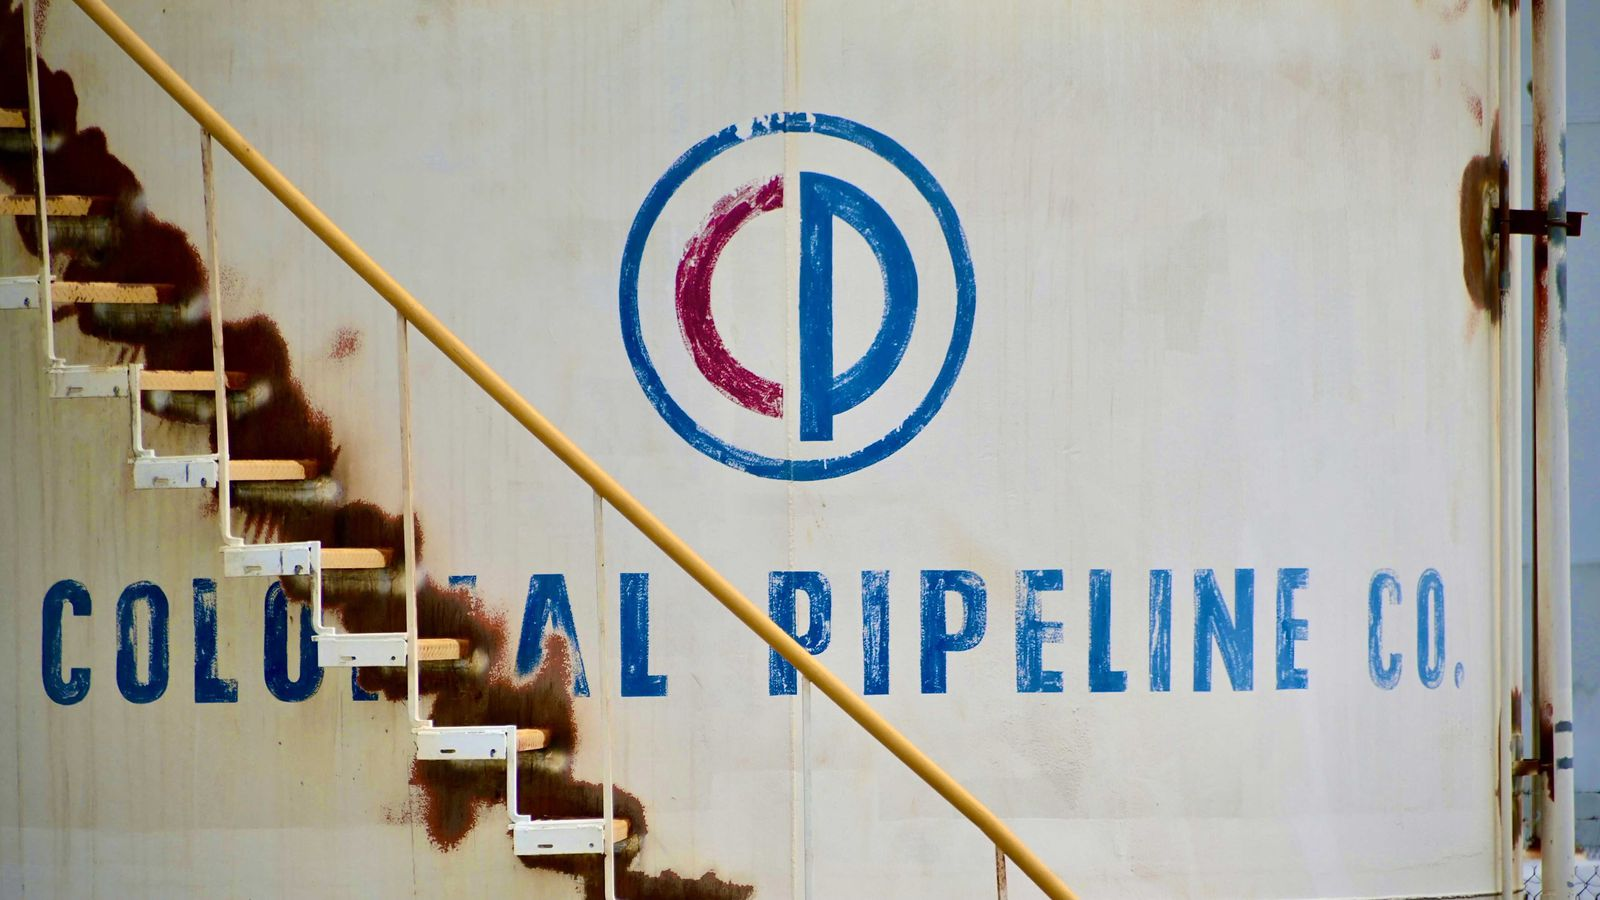 Глава Colonial Pipeline подтвердил, что компания заплатила преступникам 4,4 млн долларов